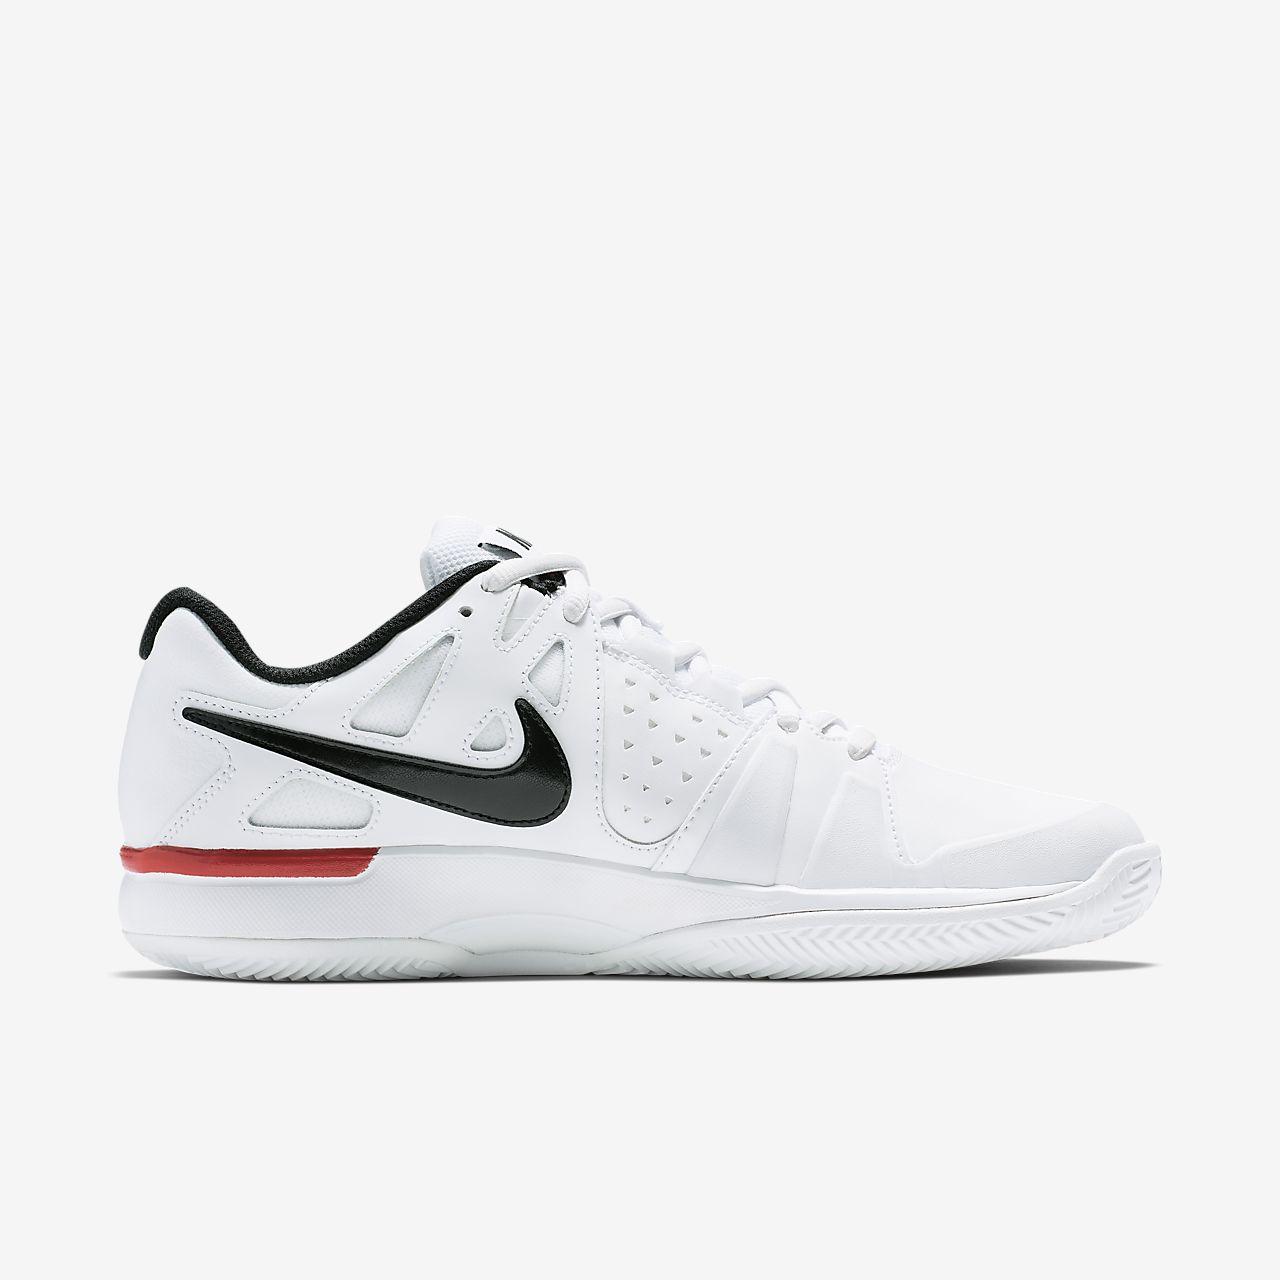 nike vapor scarpe tennis uomo 34c5277f472